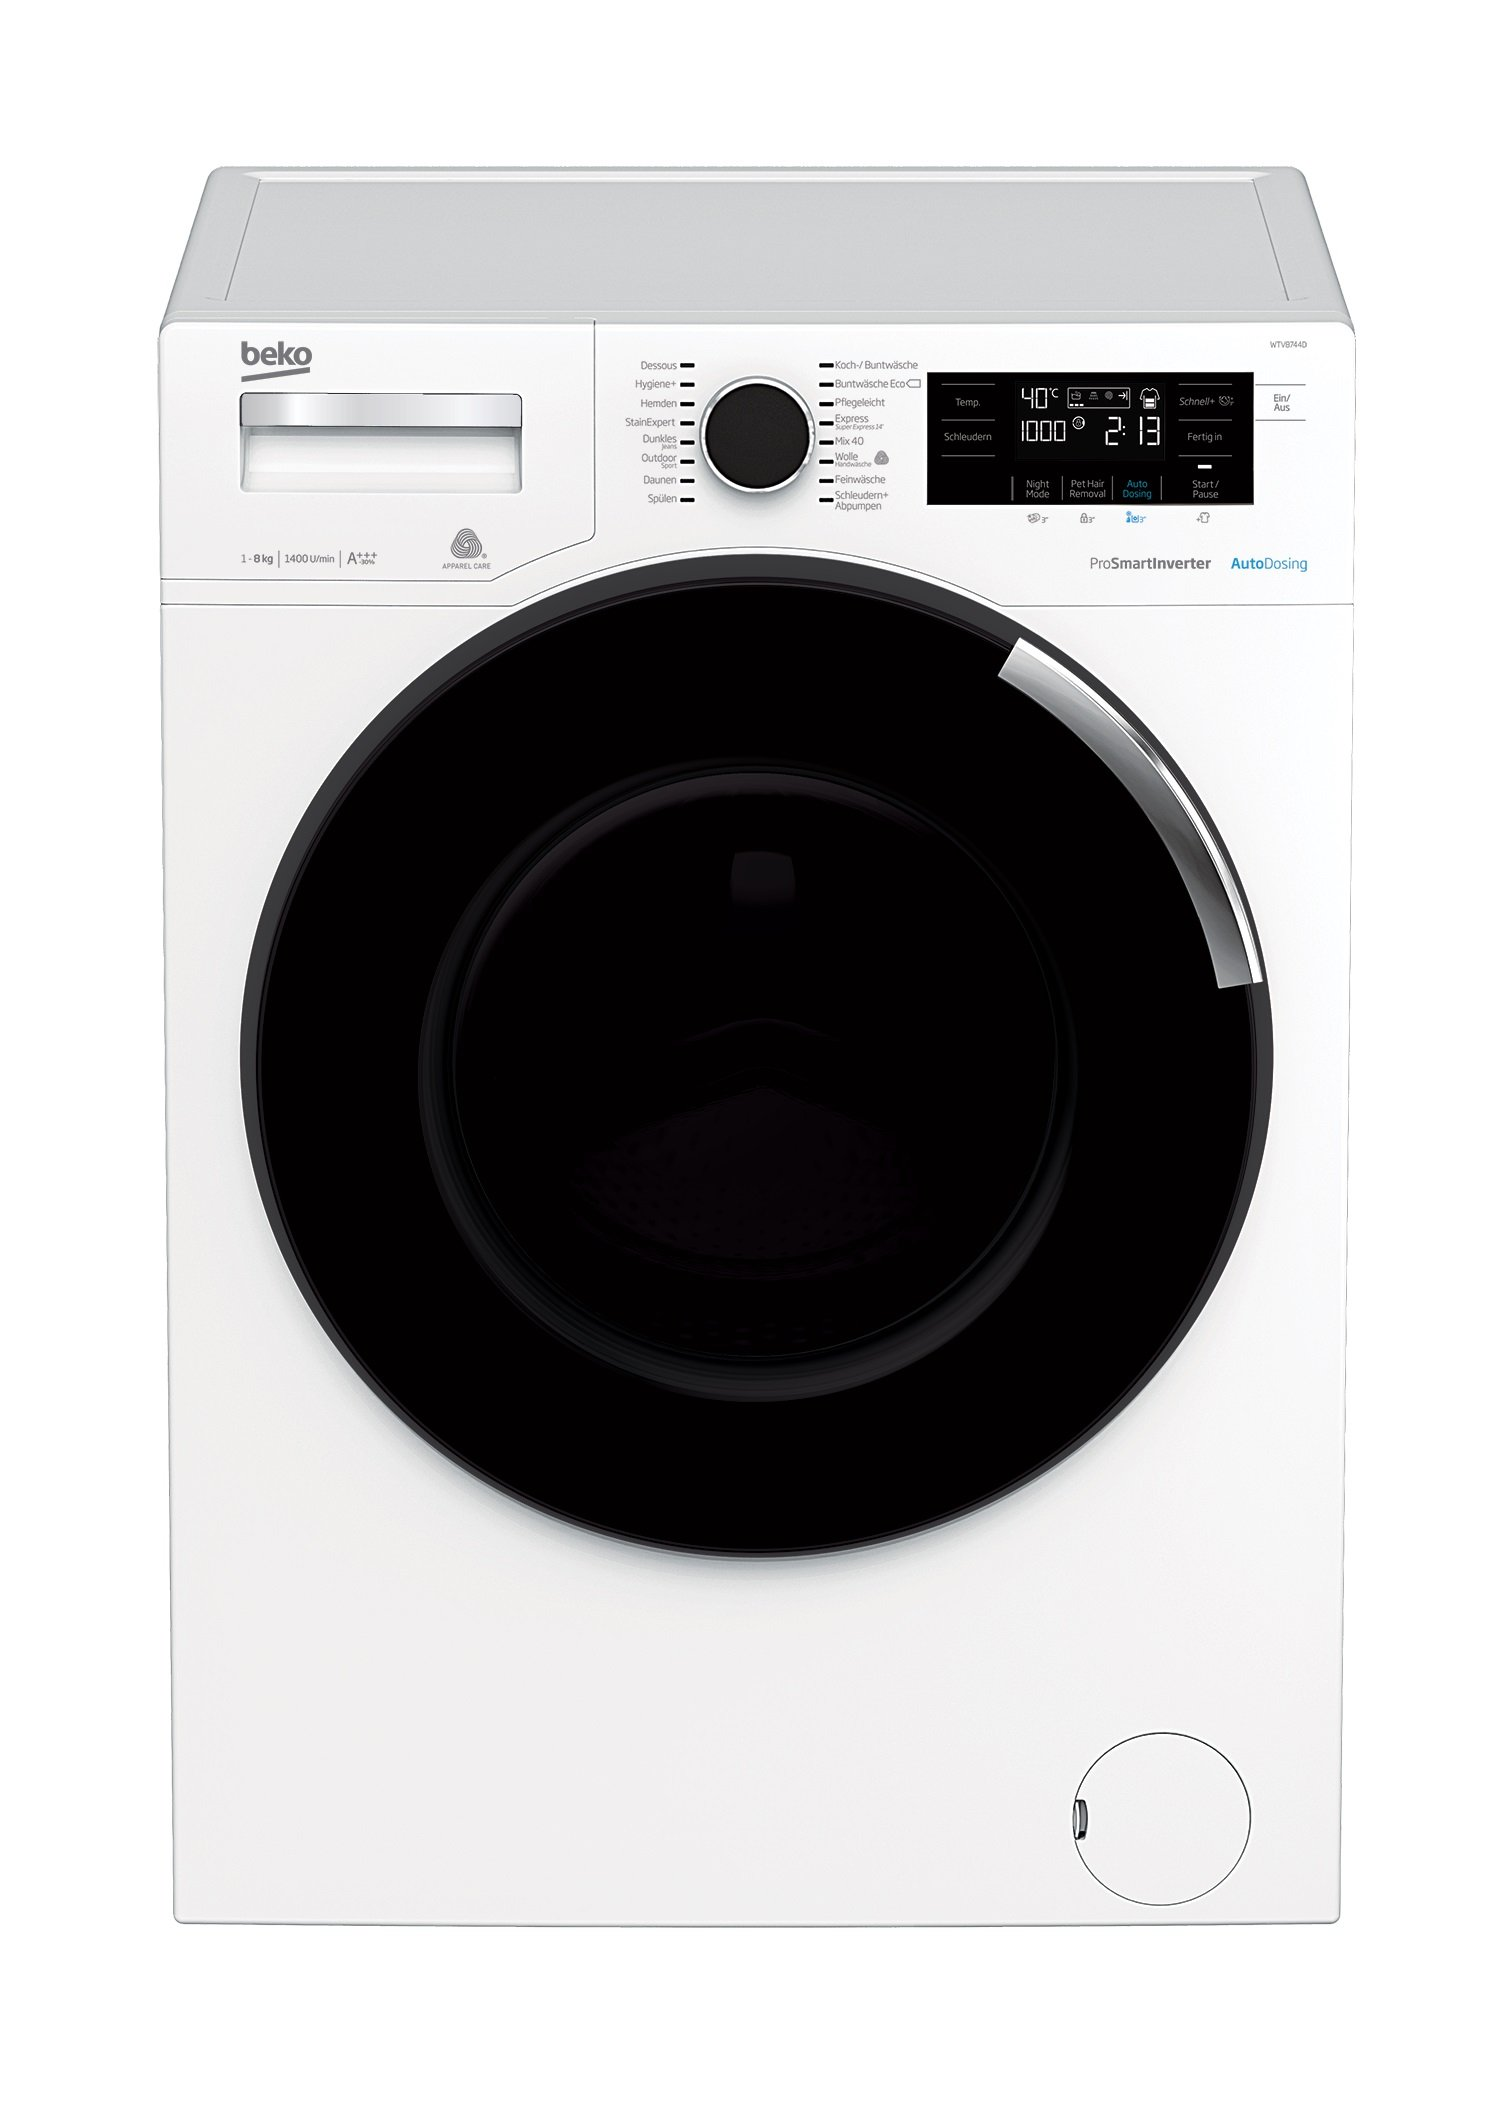 Beko-WTV8744D-Waschmaschine-A-1400-UpM-8-kg-Wei-Dosierungsautomatik-AutoDosing-Pet-Hair-Removal-Funktion-Mengenautomatik